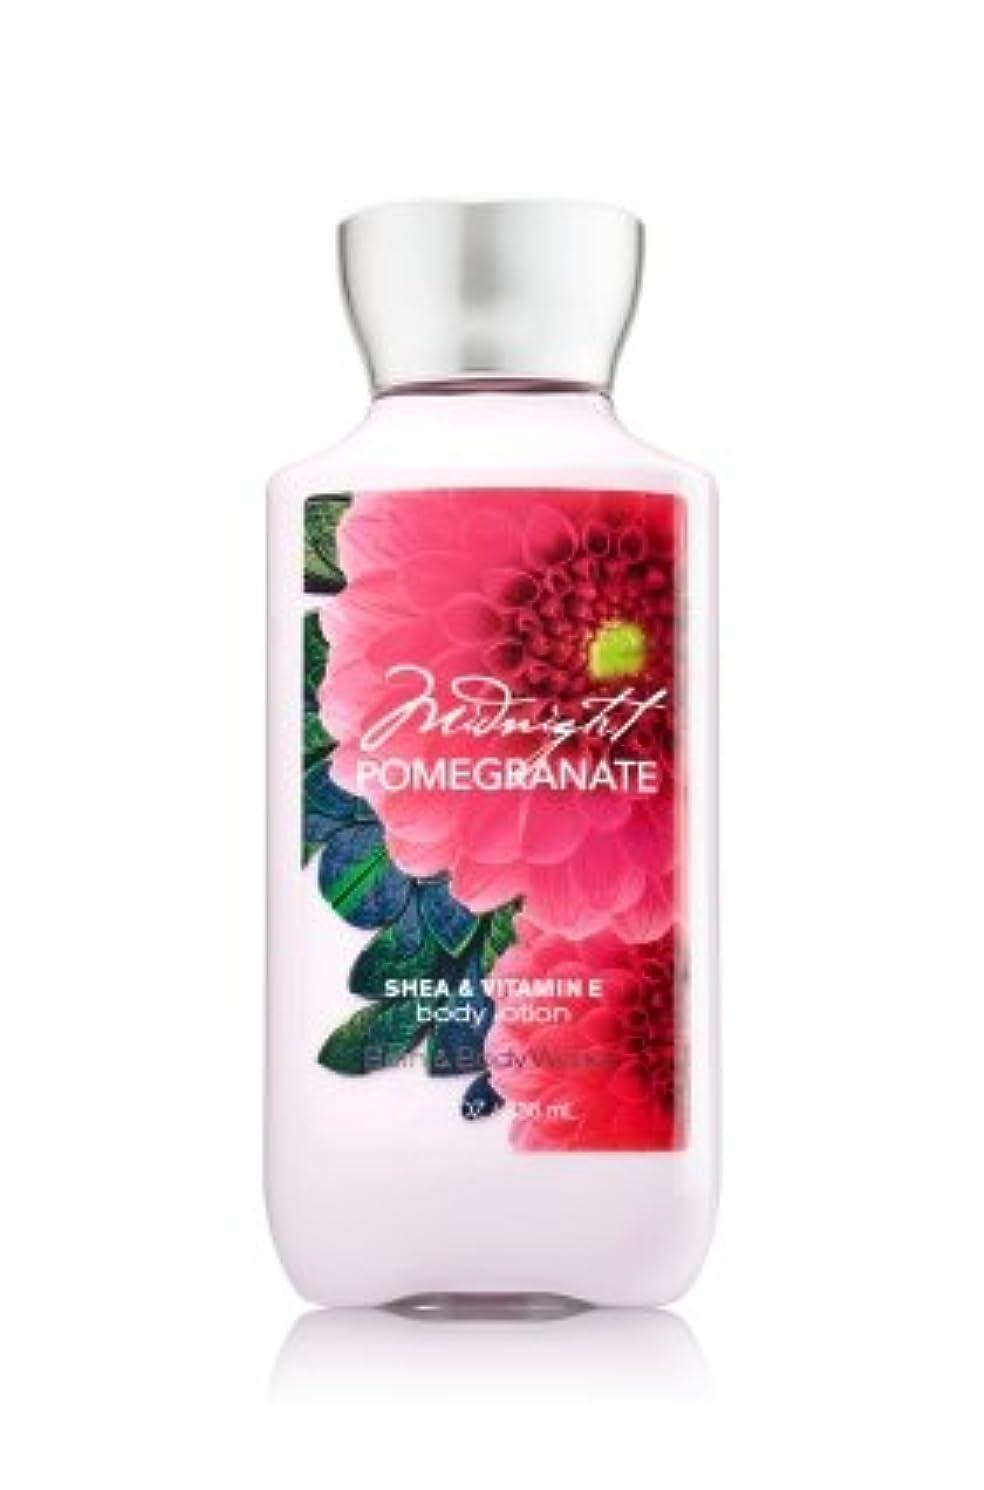 ミュージカルささやき航海バス&ボディワークス ミッドナイトポメグラネート ボディローション Midnight Pomegranate body lotion [並行輸入品]